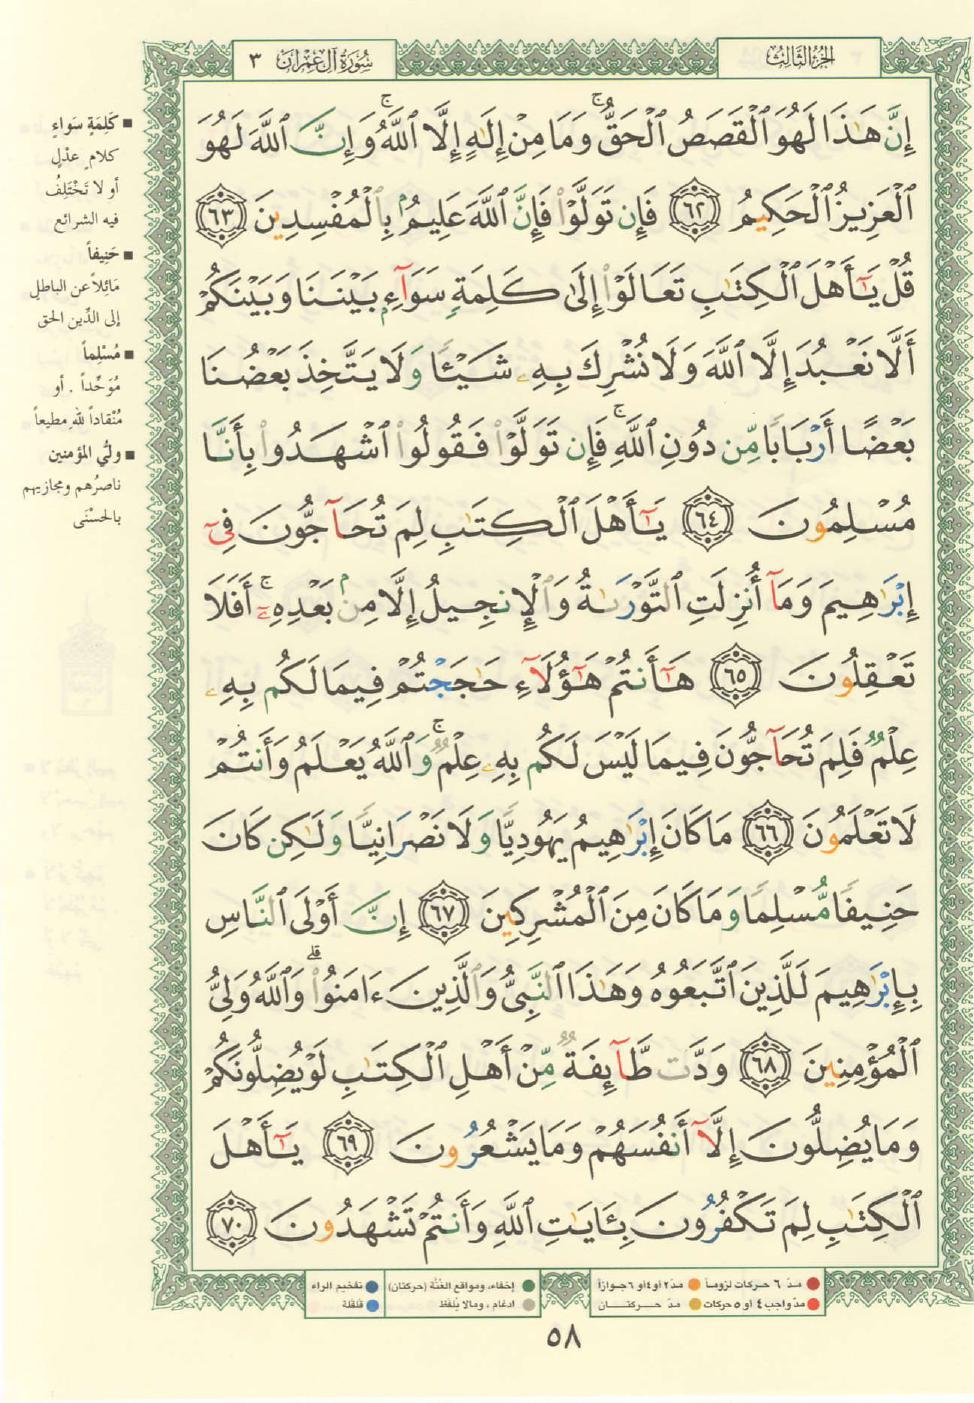 3. سورة آل عمران - Al-Imran مصورة من المصحف الشريف Quran_tajwid_000067